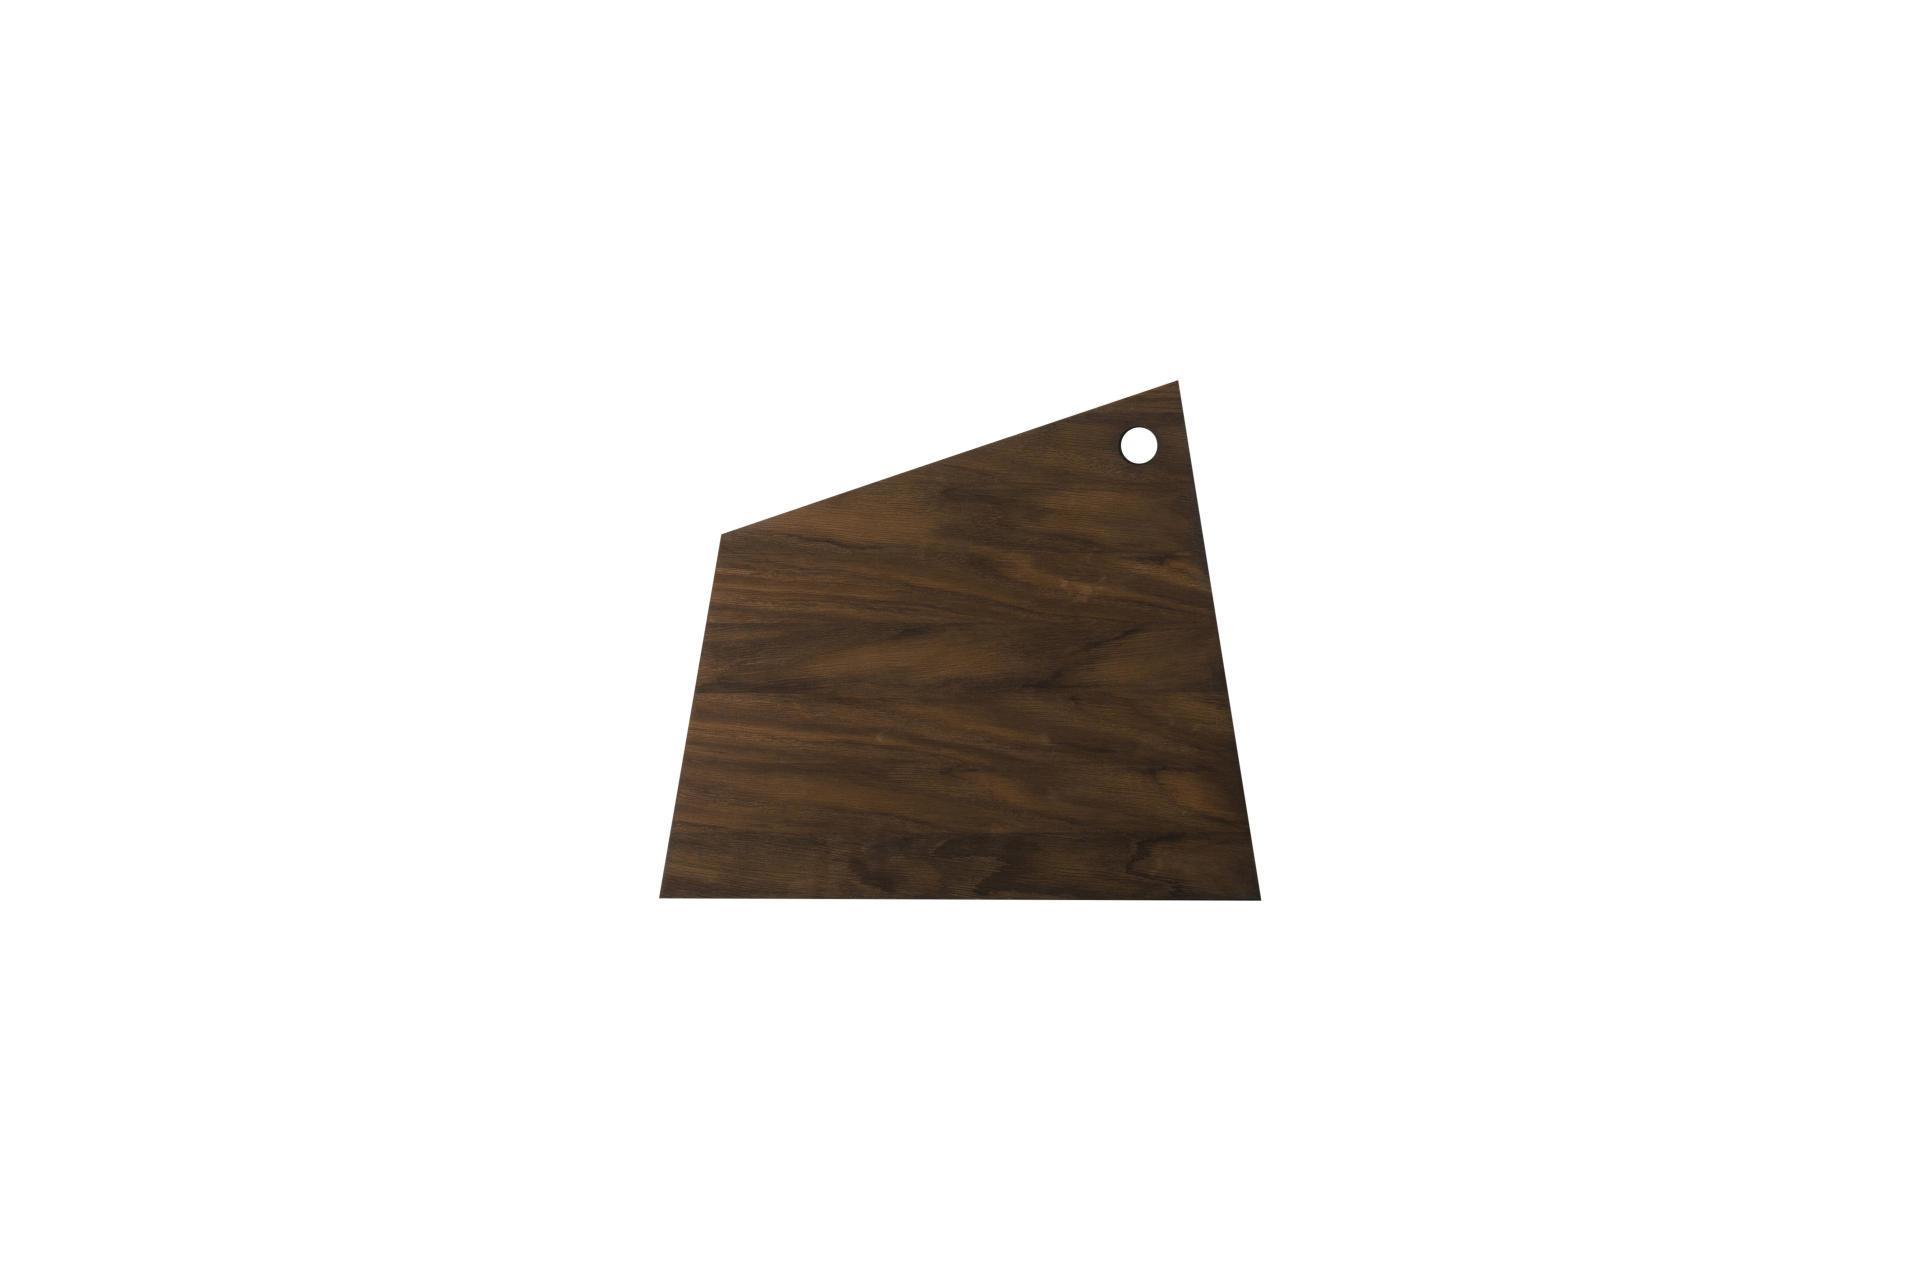 ferm LIVING Dřevěné prkénko Asymmetric Oak L, hnědá barva, přírodní barva, dřevo